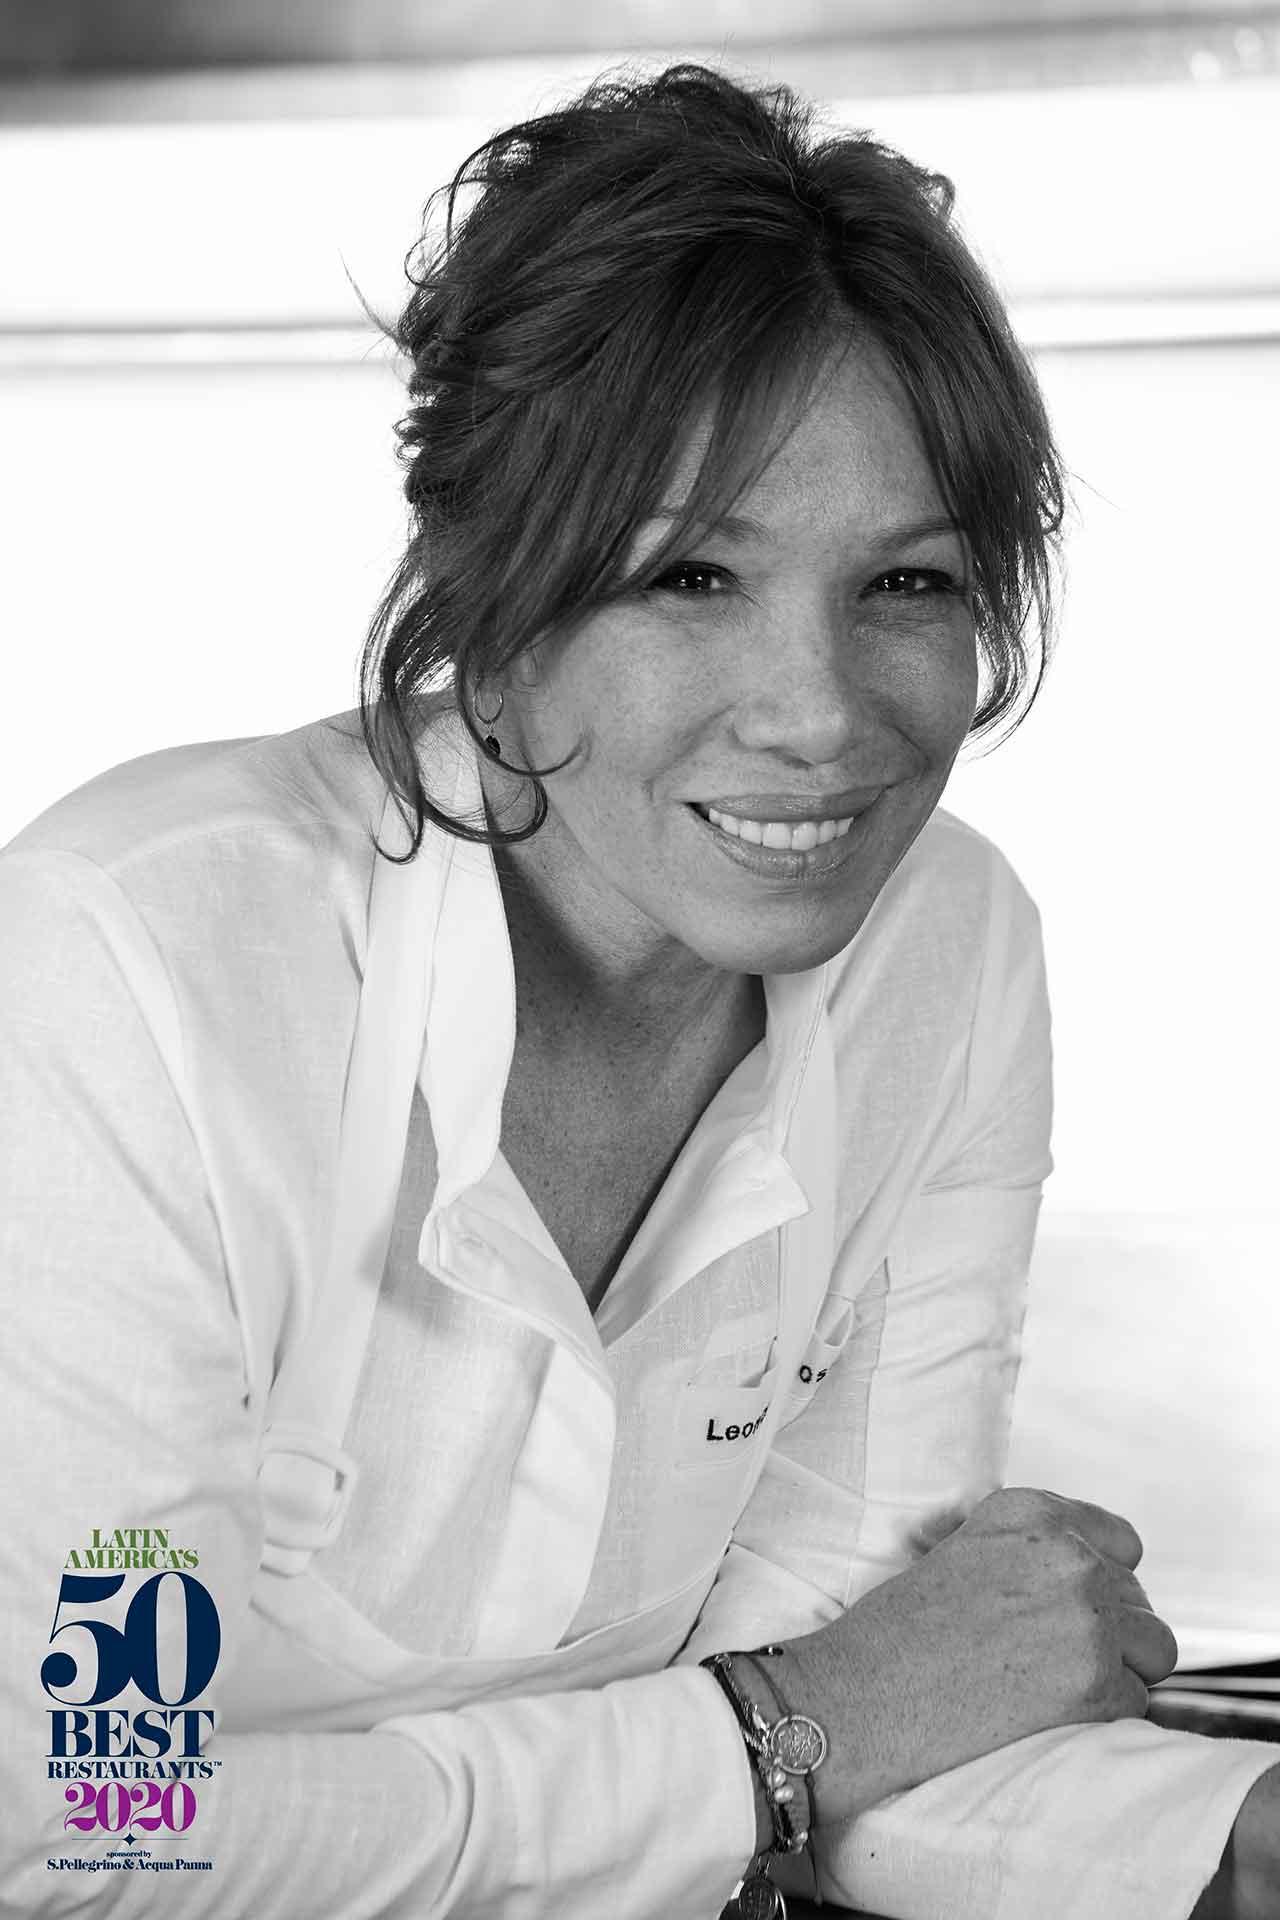 Chef Leonor Espinosa